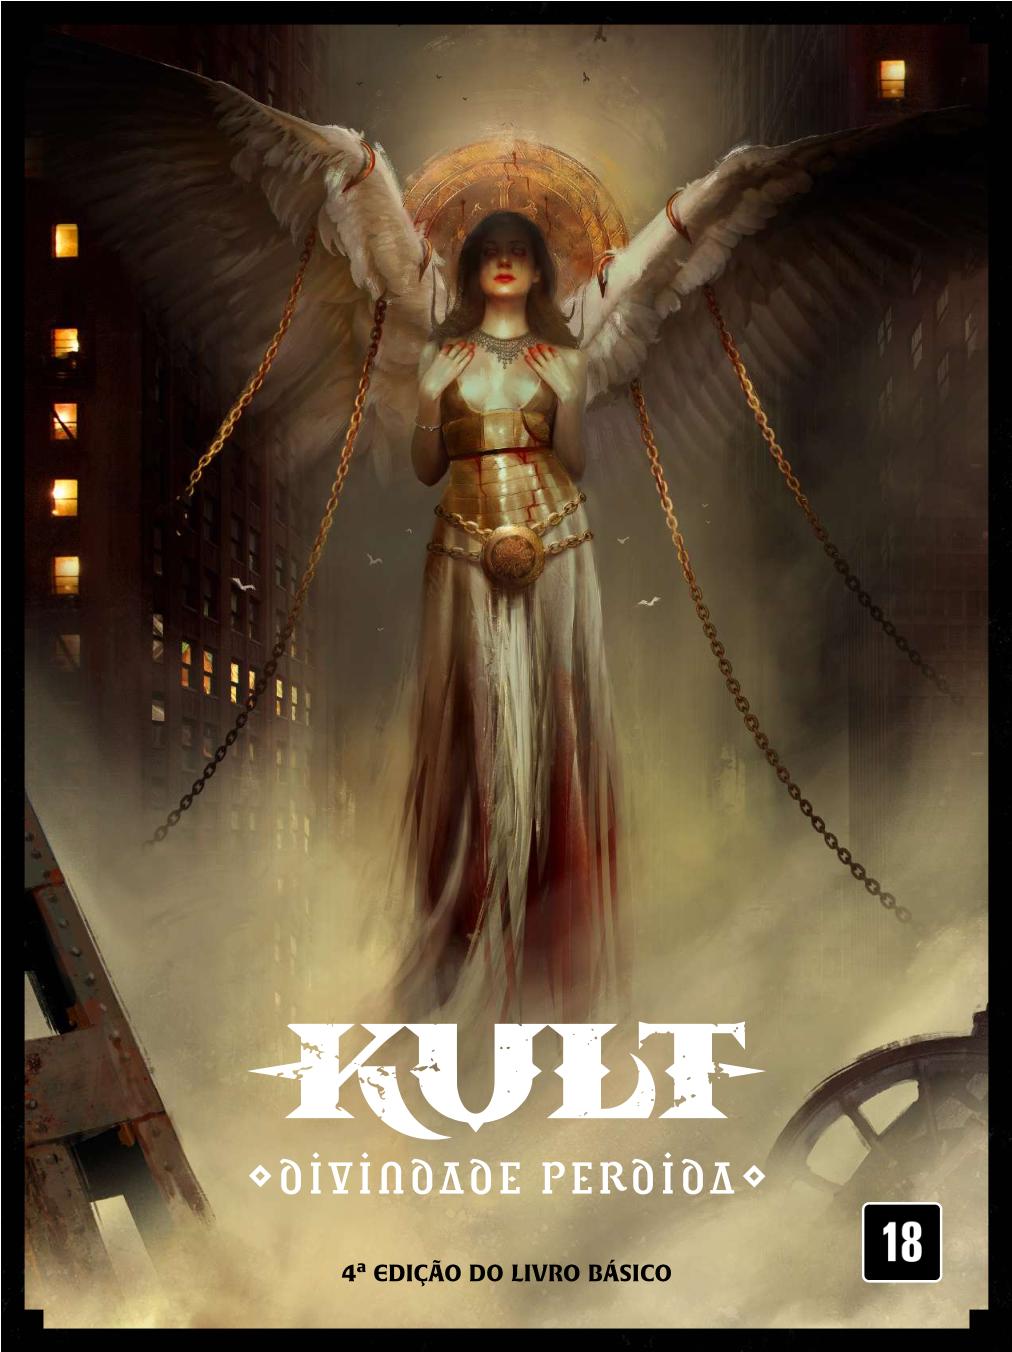 Edição em português de Kult RPG